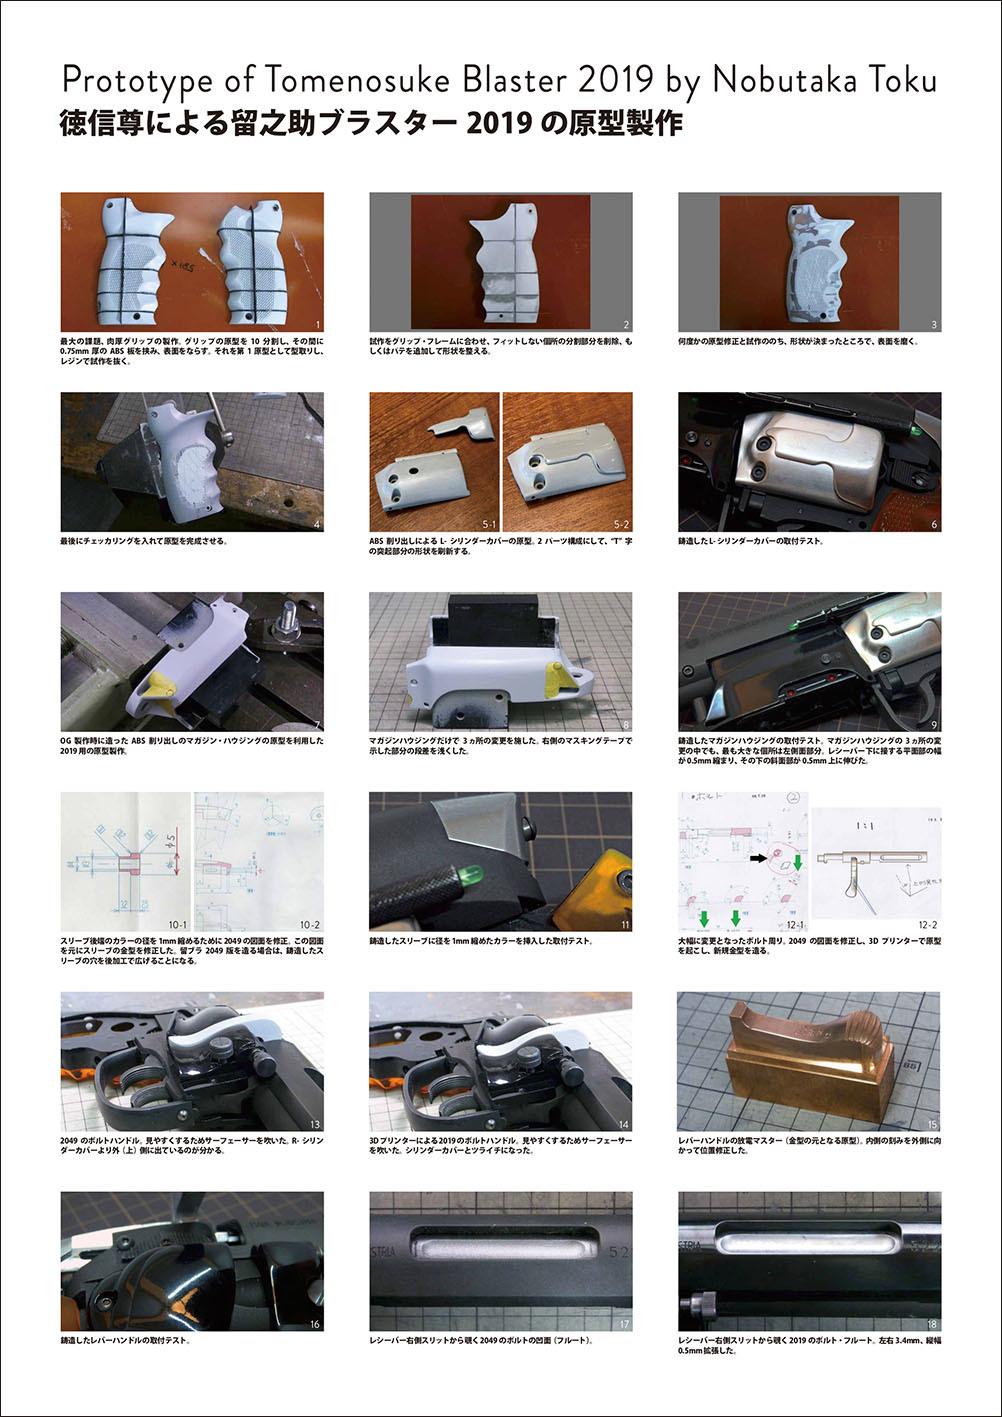 留之助ブラスター2019、東京コミコンで数量限定先行発売 - その4_a0077842_09521279.jpg